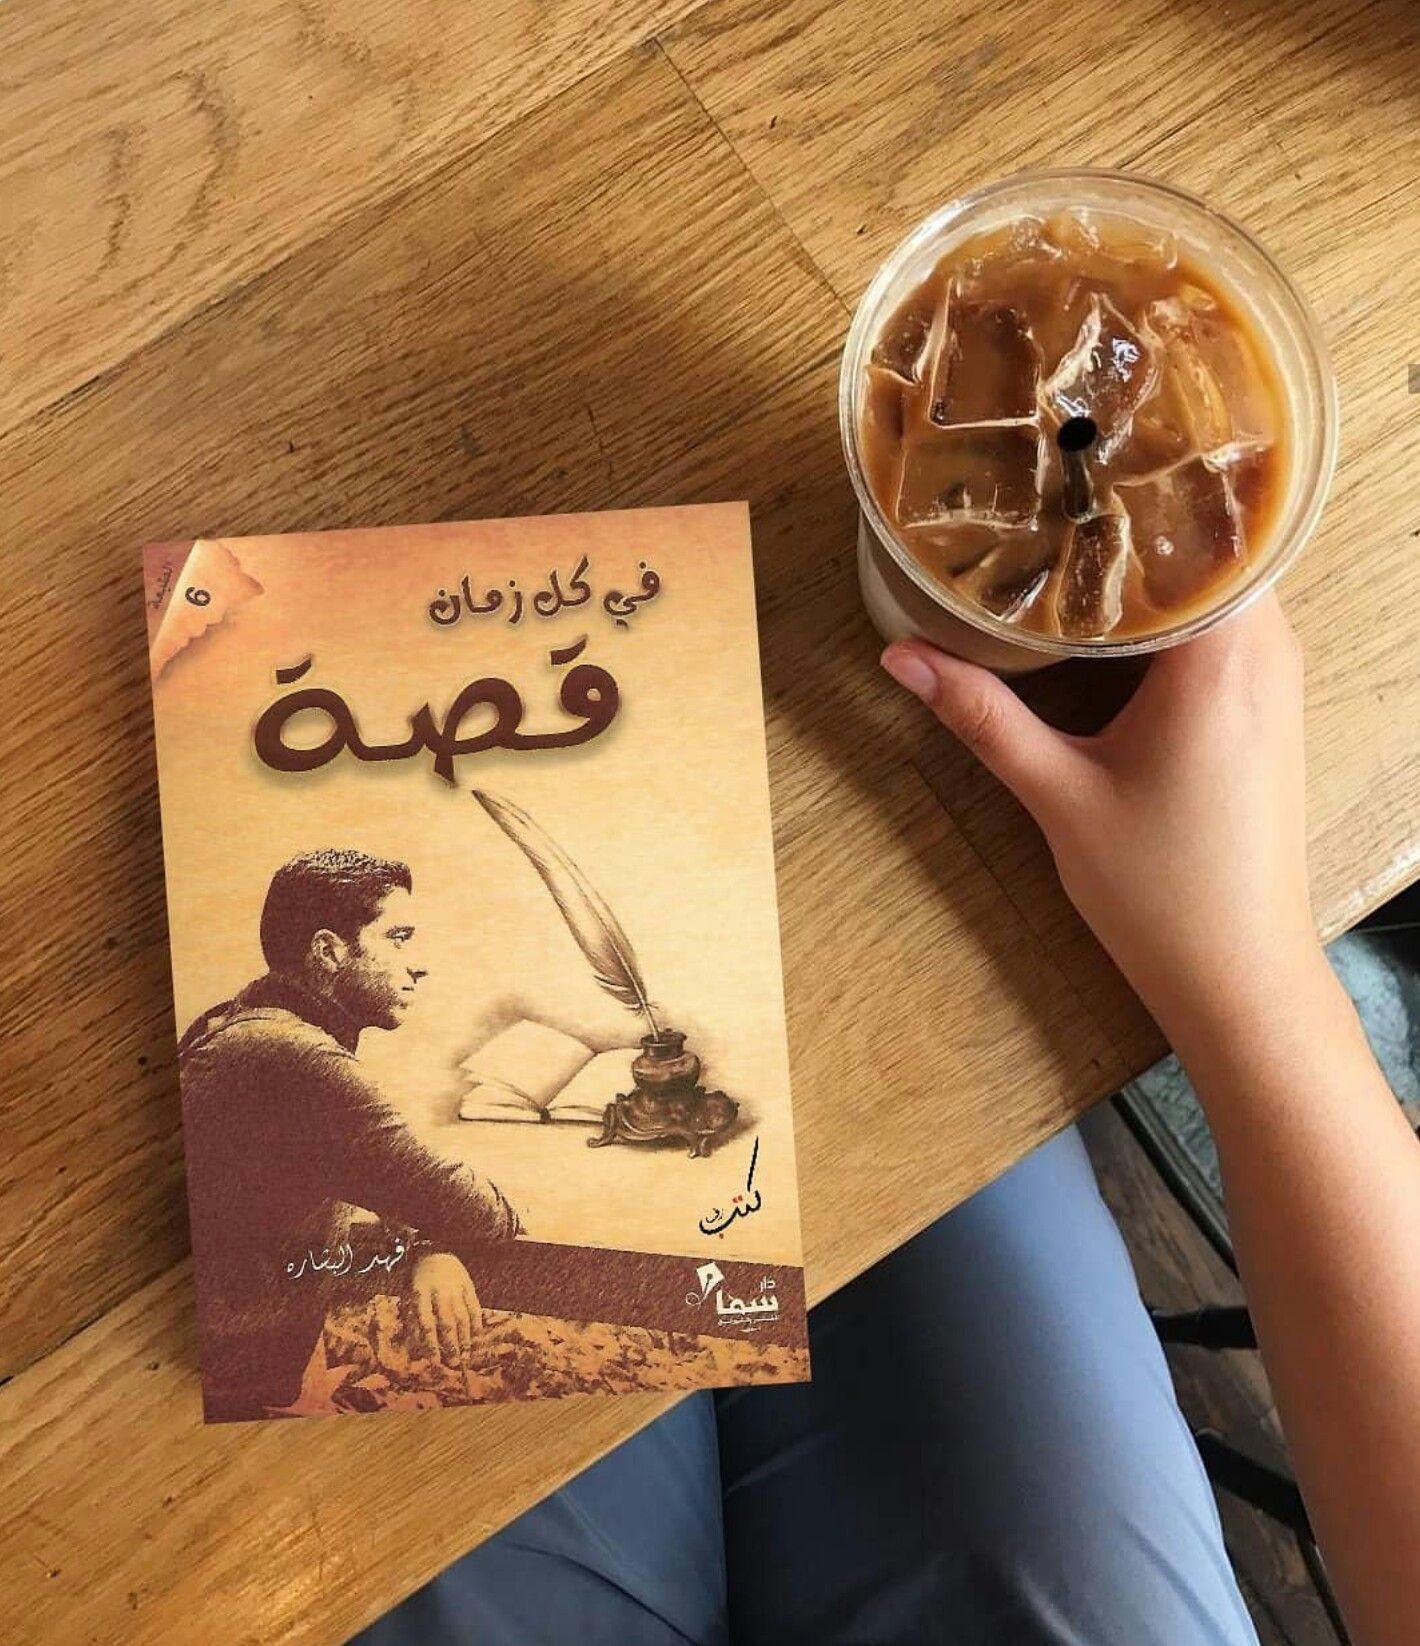 في كل زمان قصة بين ليلة وضحاها هناك قصة بين زمن وزمن هناك قصة الدنيا هي قصة وكتاب كبير هناك أزمنة تركت خلفها قصص حتى نقرأها وهناك Book Names Arabic Books